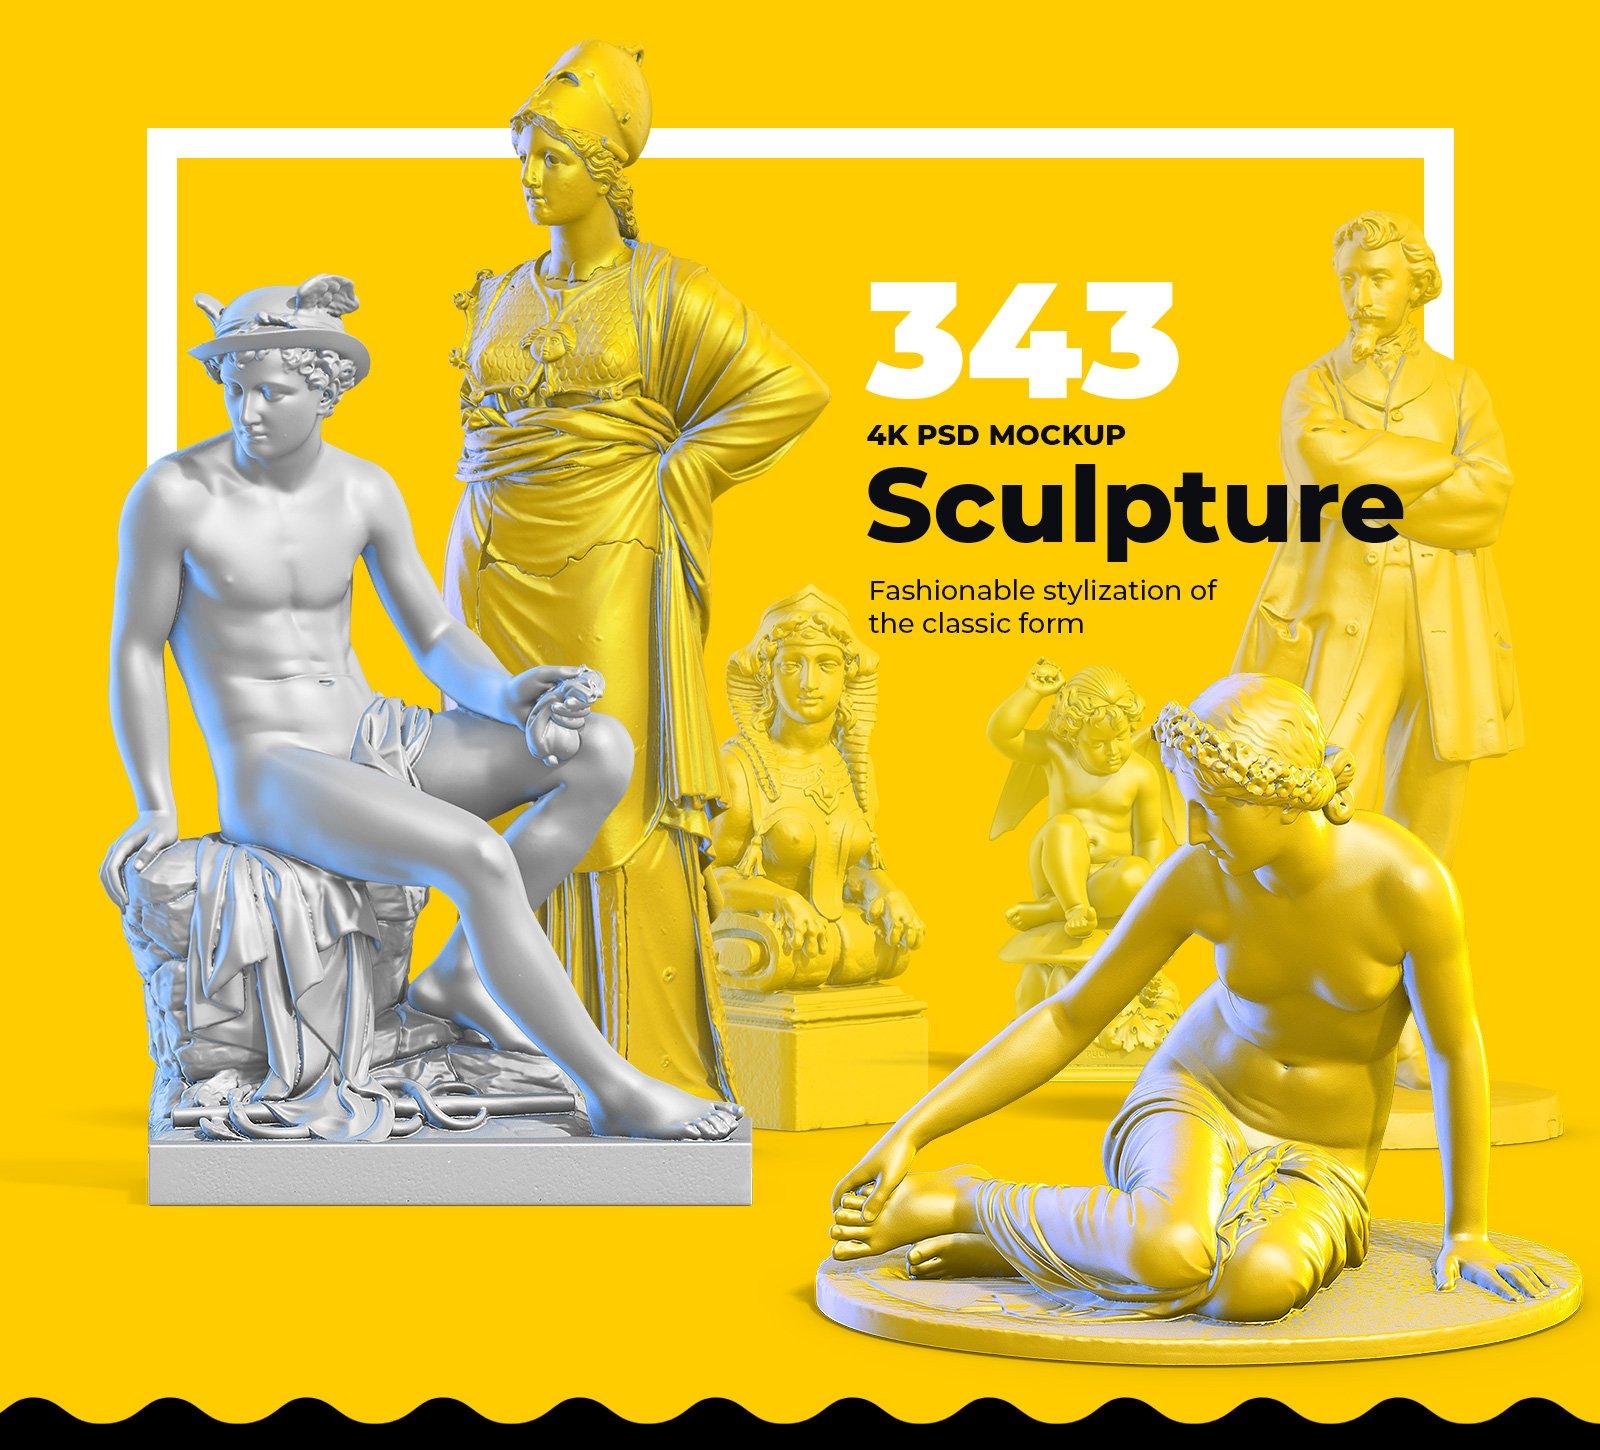 [淘宝购买] 343款复古蒸汽波艺术人物动物石膏雕像模型PS素材源文件 343 Sculptures Mockup插图